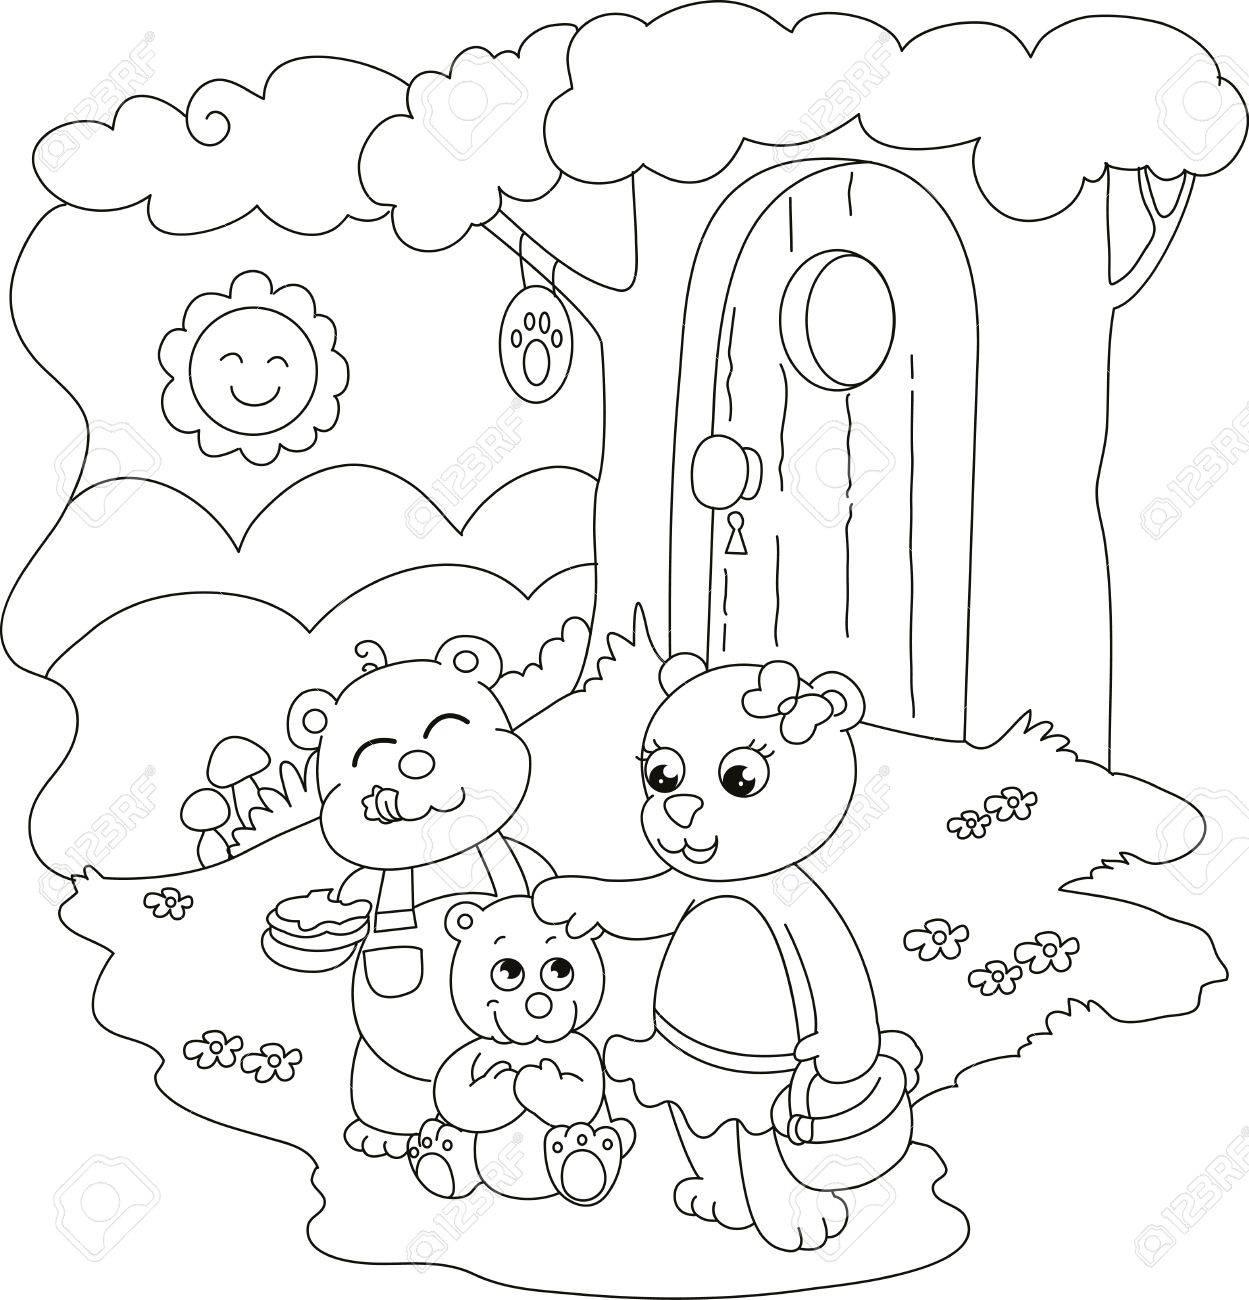 Vettoriale 3 Orsi Vicino A Un Albero Casa Illustrazione Da